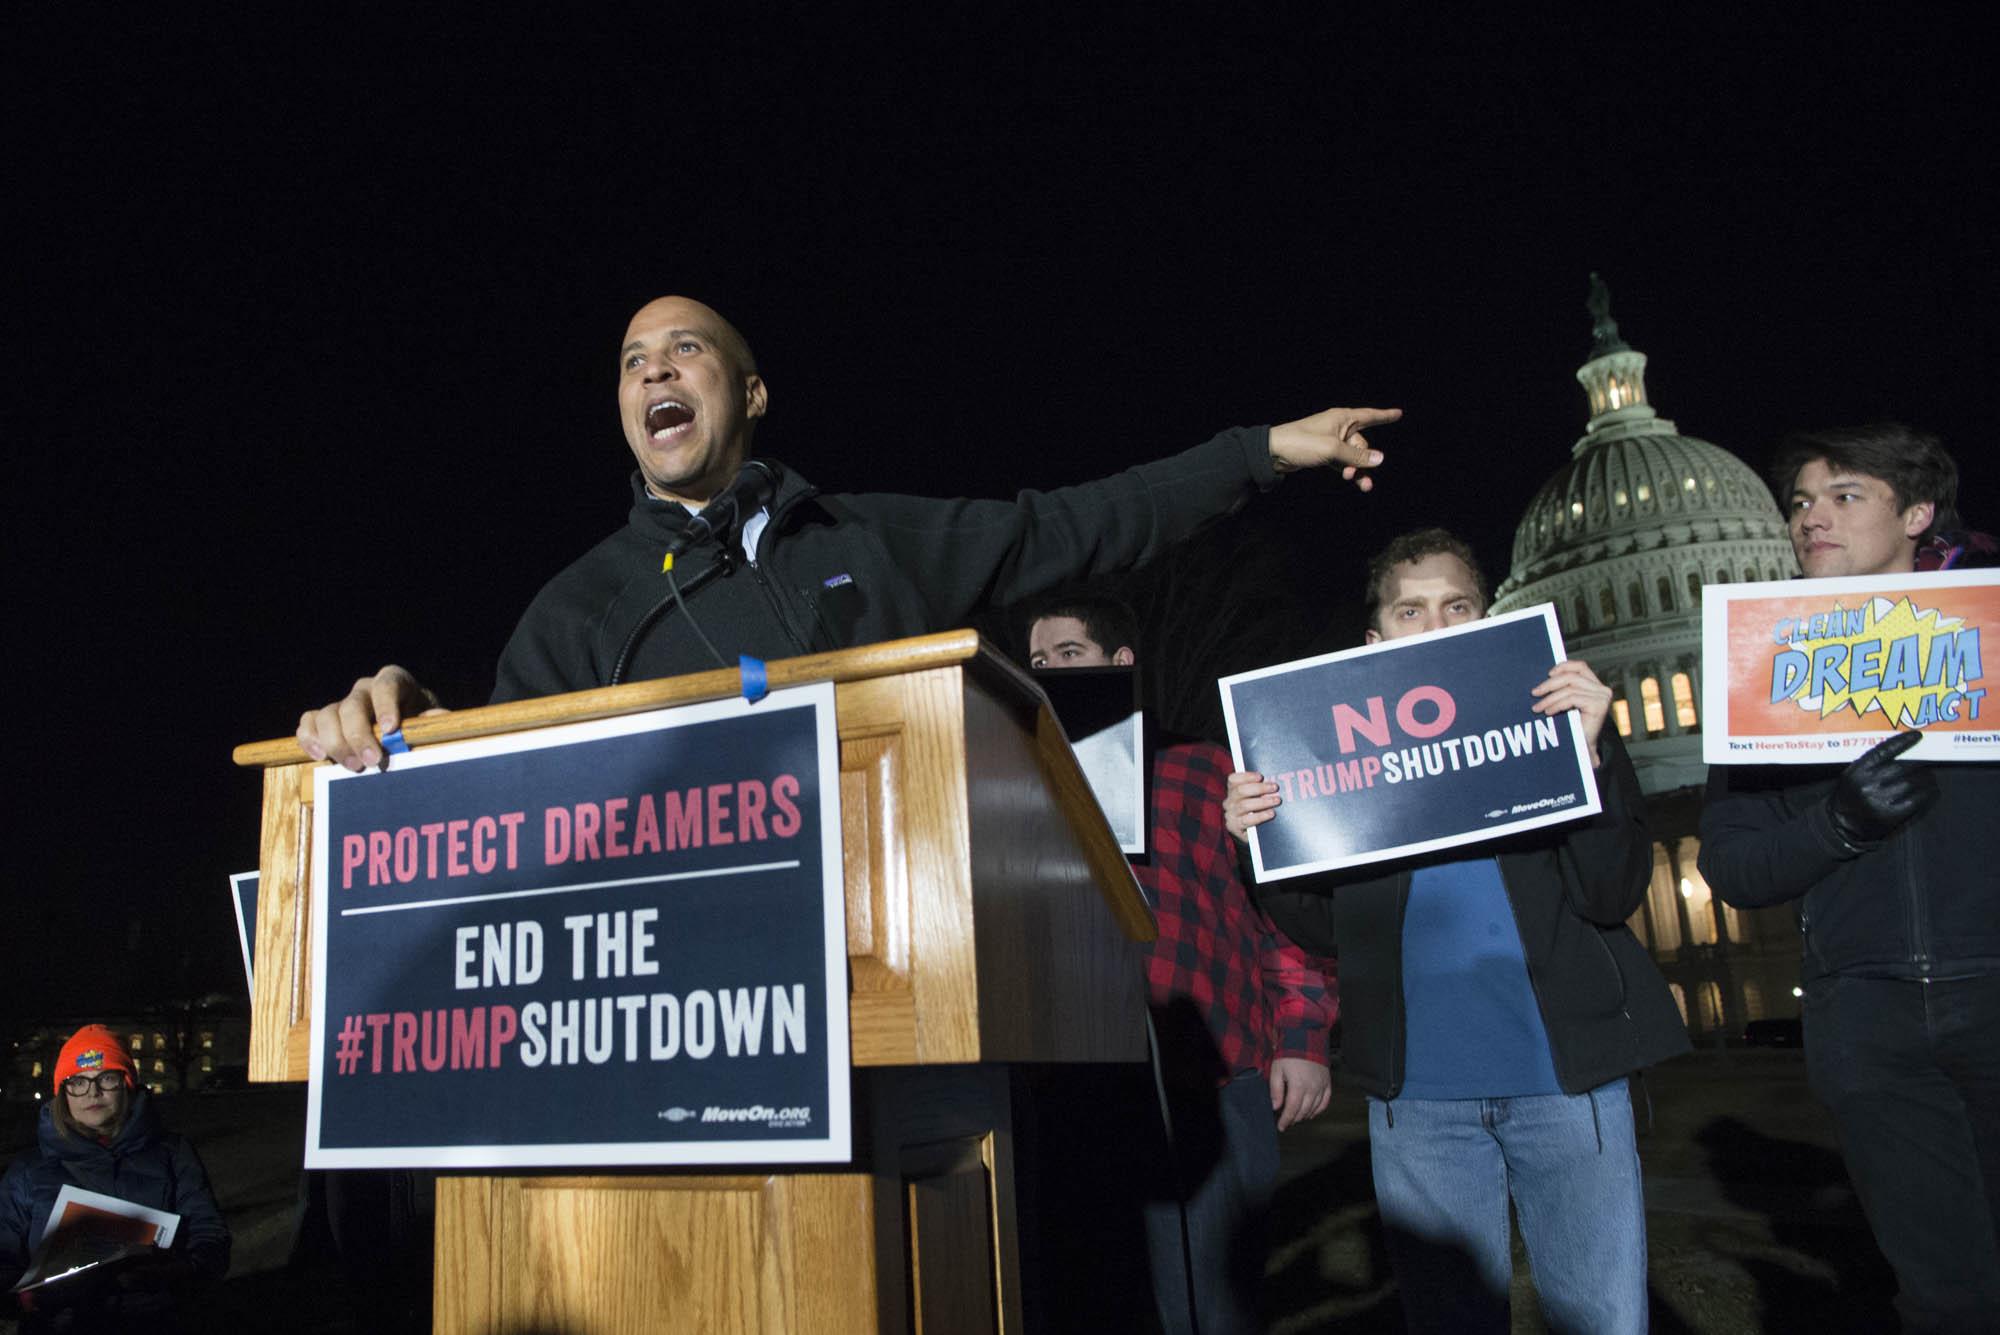 Cory Booker, Senator from New Jersey